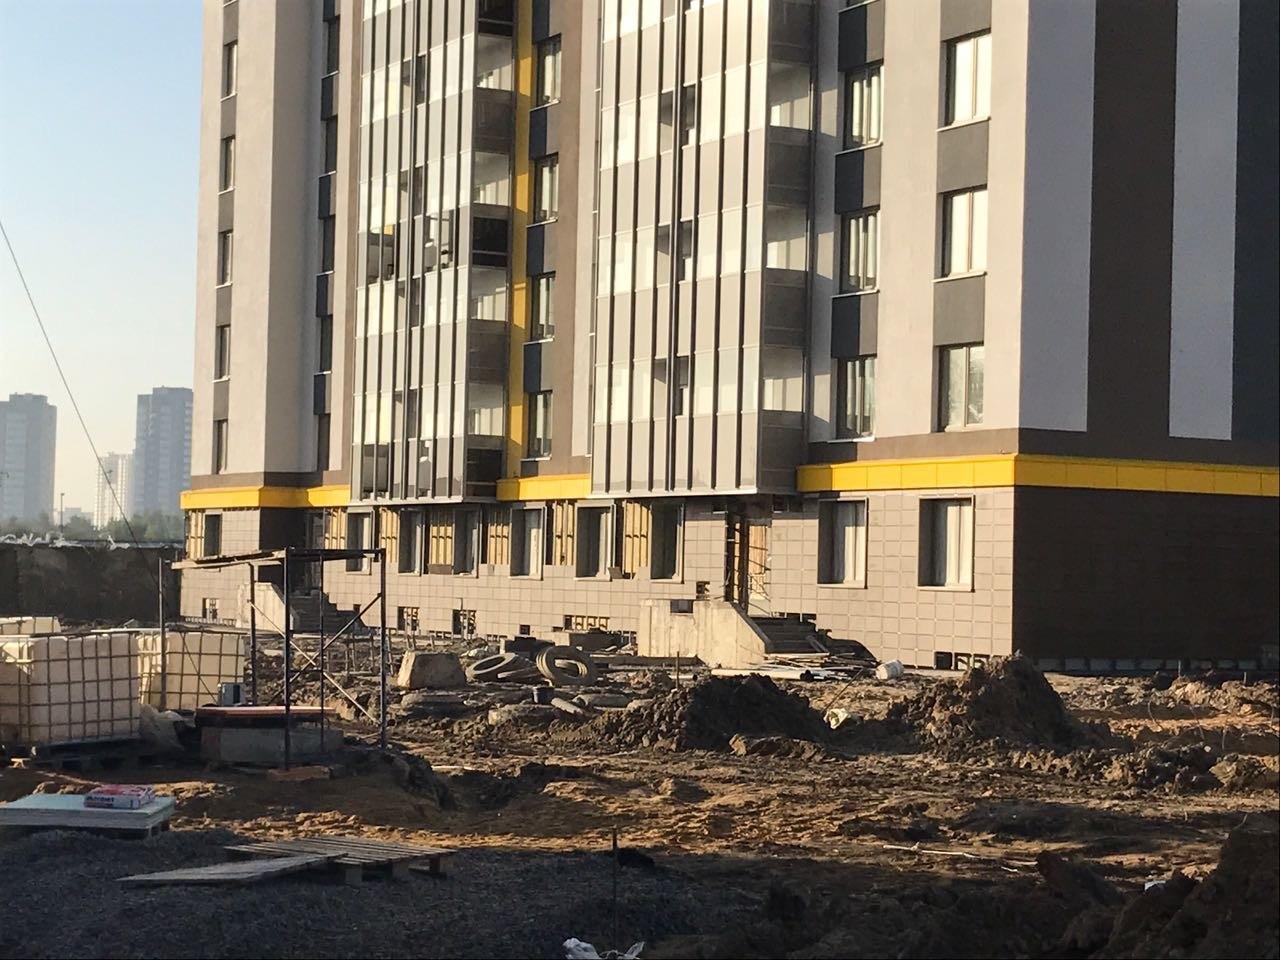 Качественно выполненные работы по устройству вентилируемых фасадов для ПАО «Группа ЛСР» в Петербурге